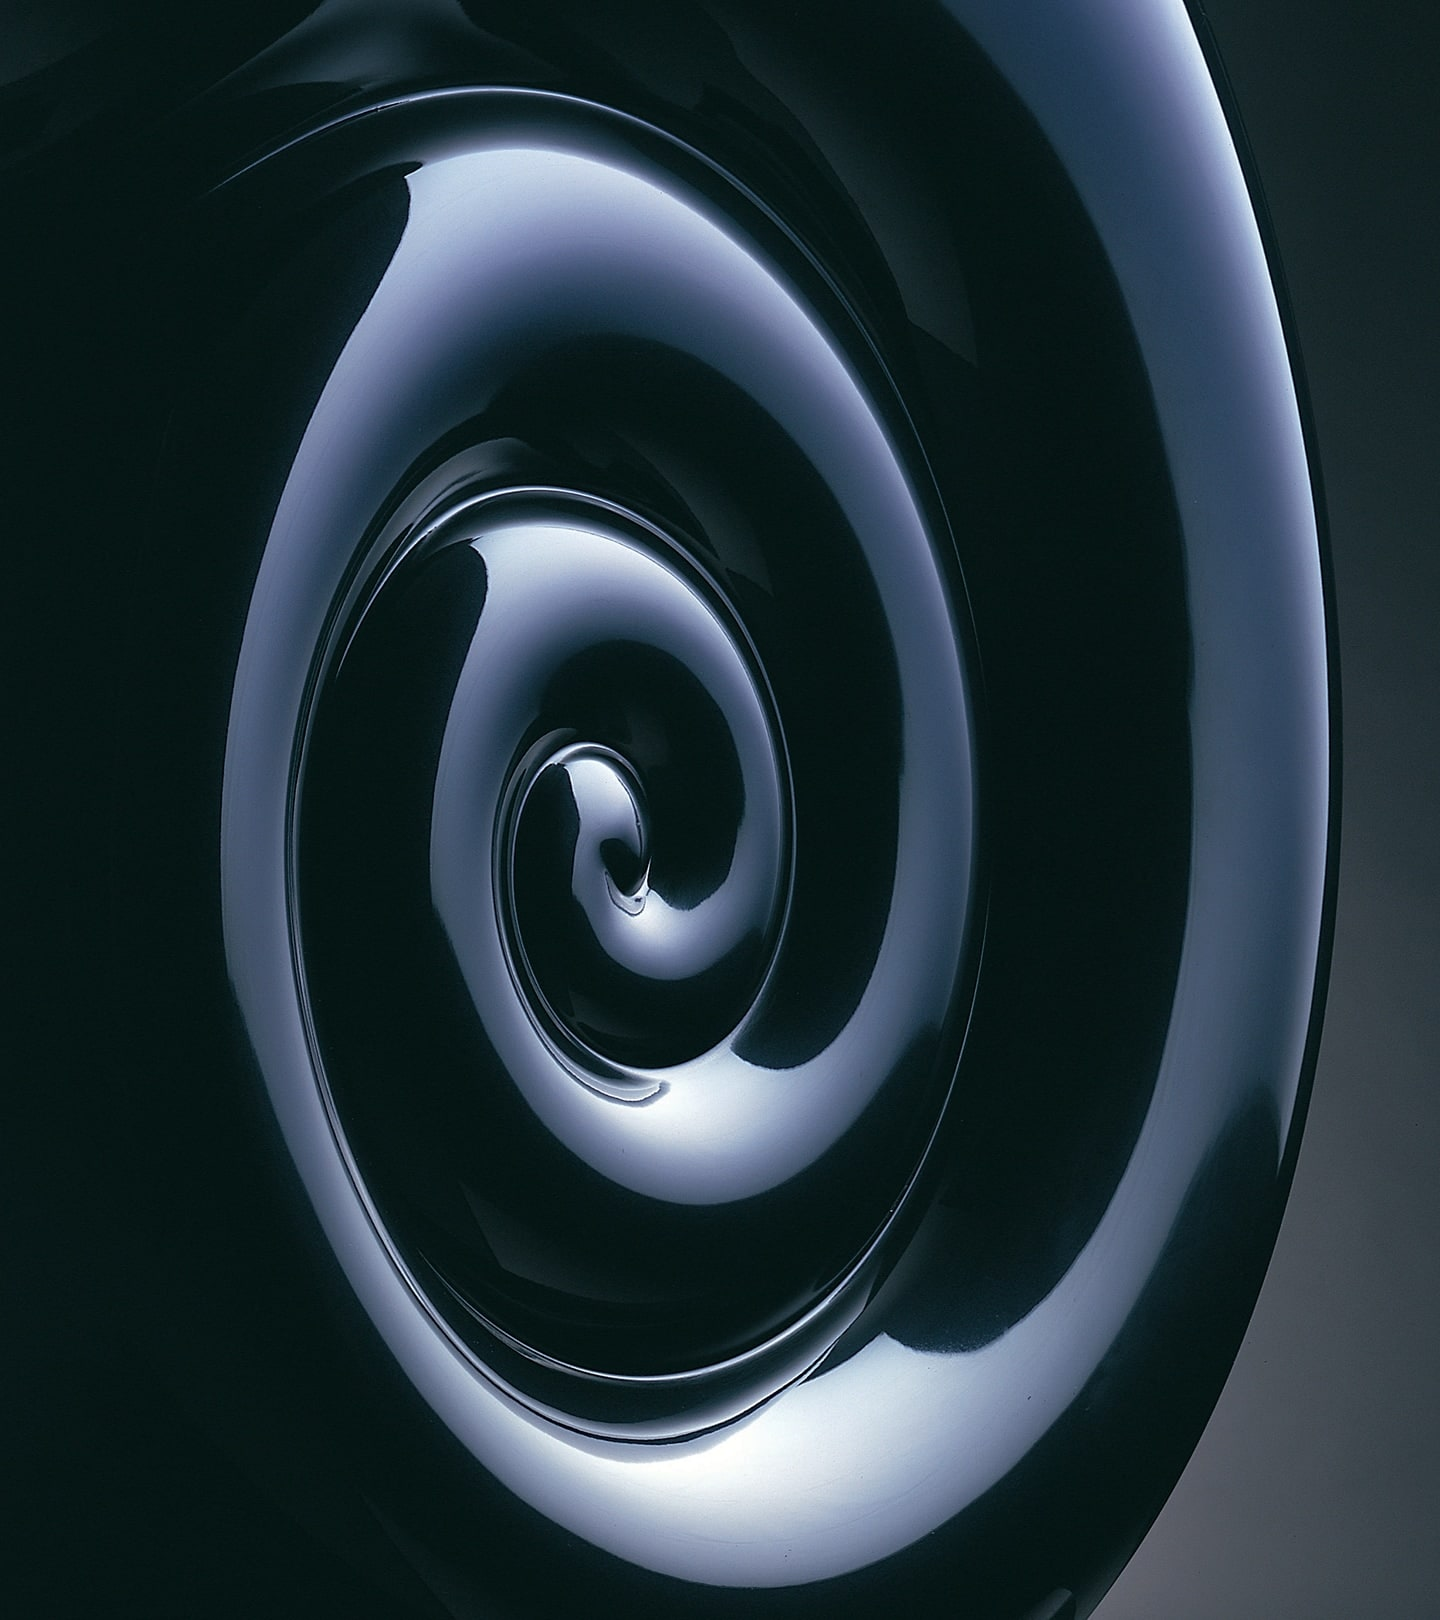 Nautilus de Bowers & Wilkins: Buque insignia, icono, leyenda.